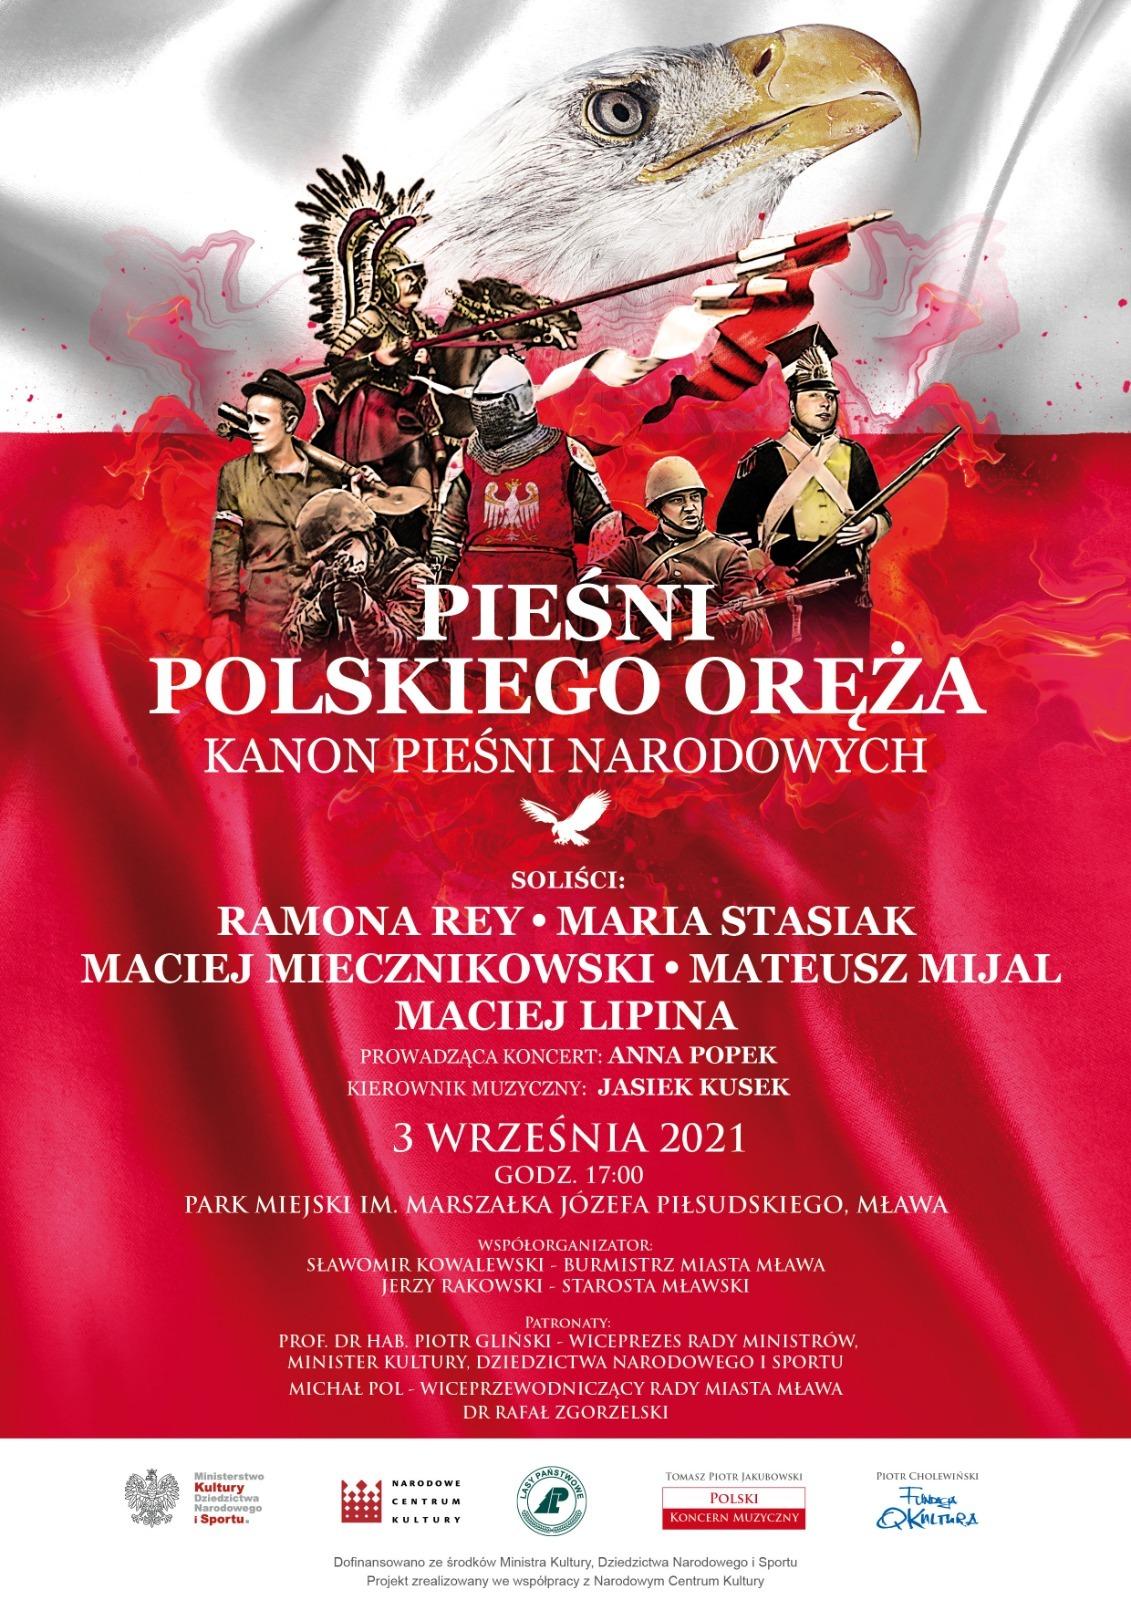 Pieśni Polskiego Oręża